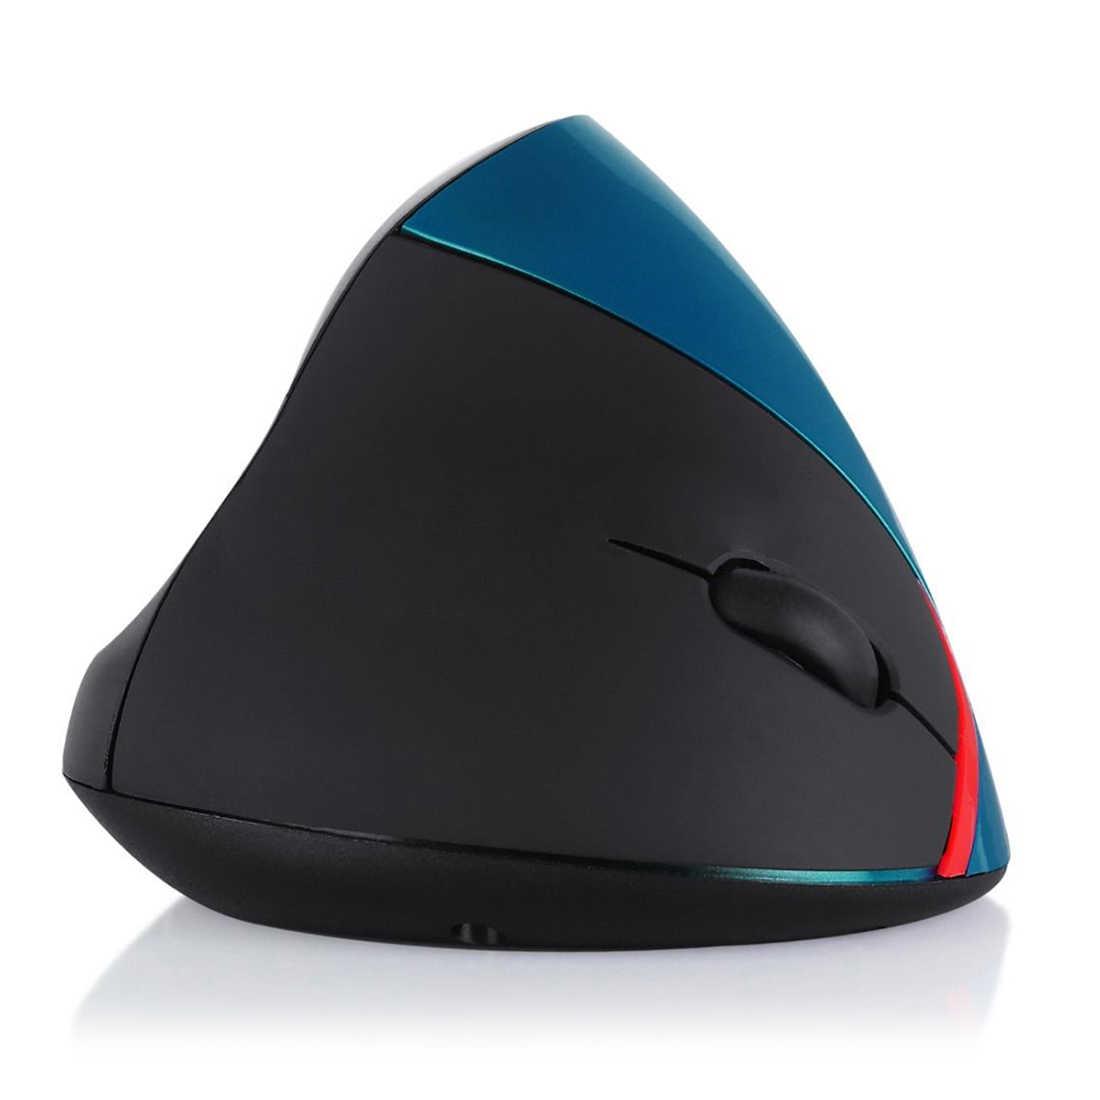 IG-2.4G Беспроводной Вертикальная оптическая мышь синего цвета